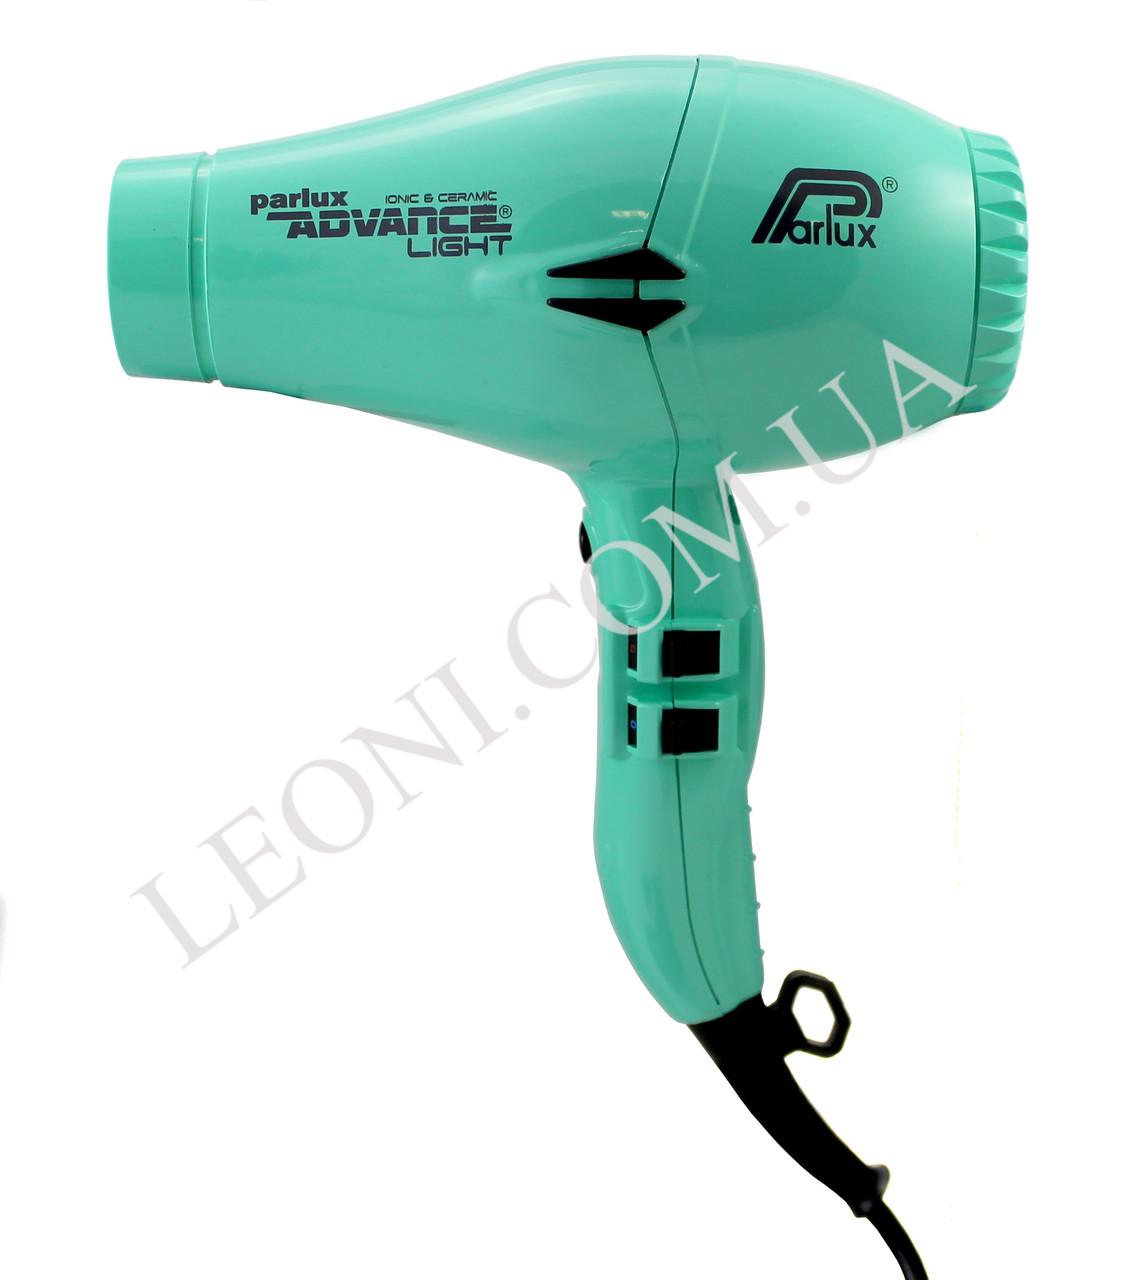 Профессиональный фен для волос 2200 w Parlux Advance Light бирюзового цвета